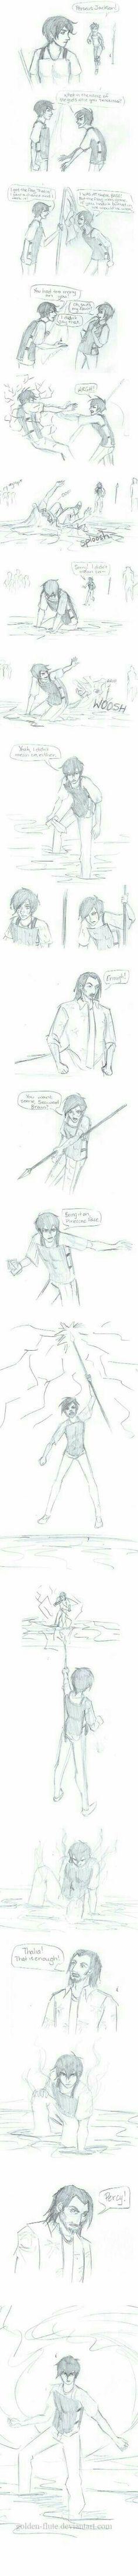 Percy and Thalia's fight in Titan's Curse